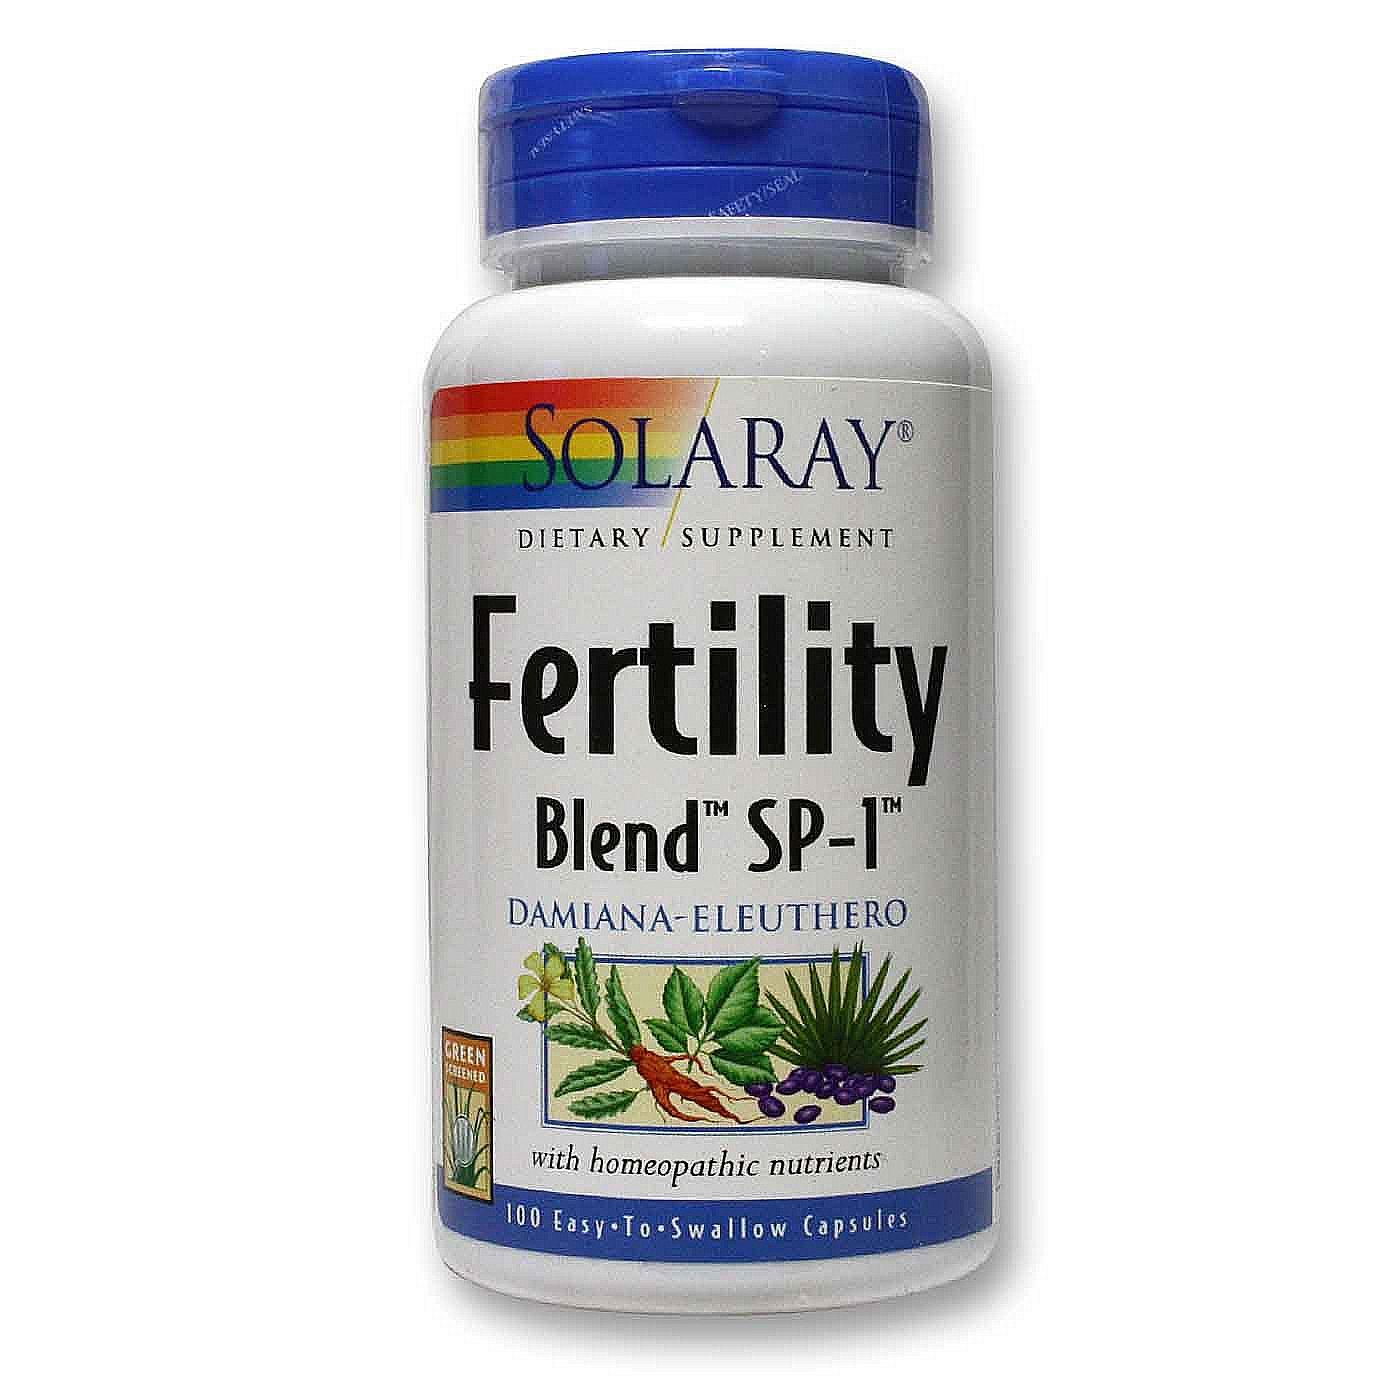 Solaray Fertility Blend SP-1 - 100 Caps